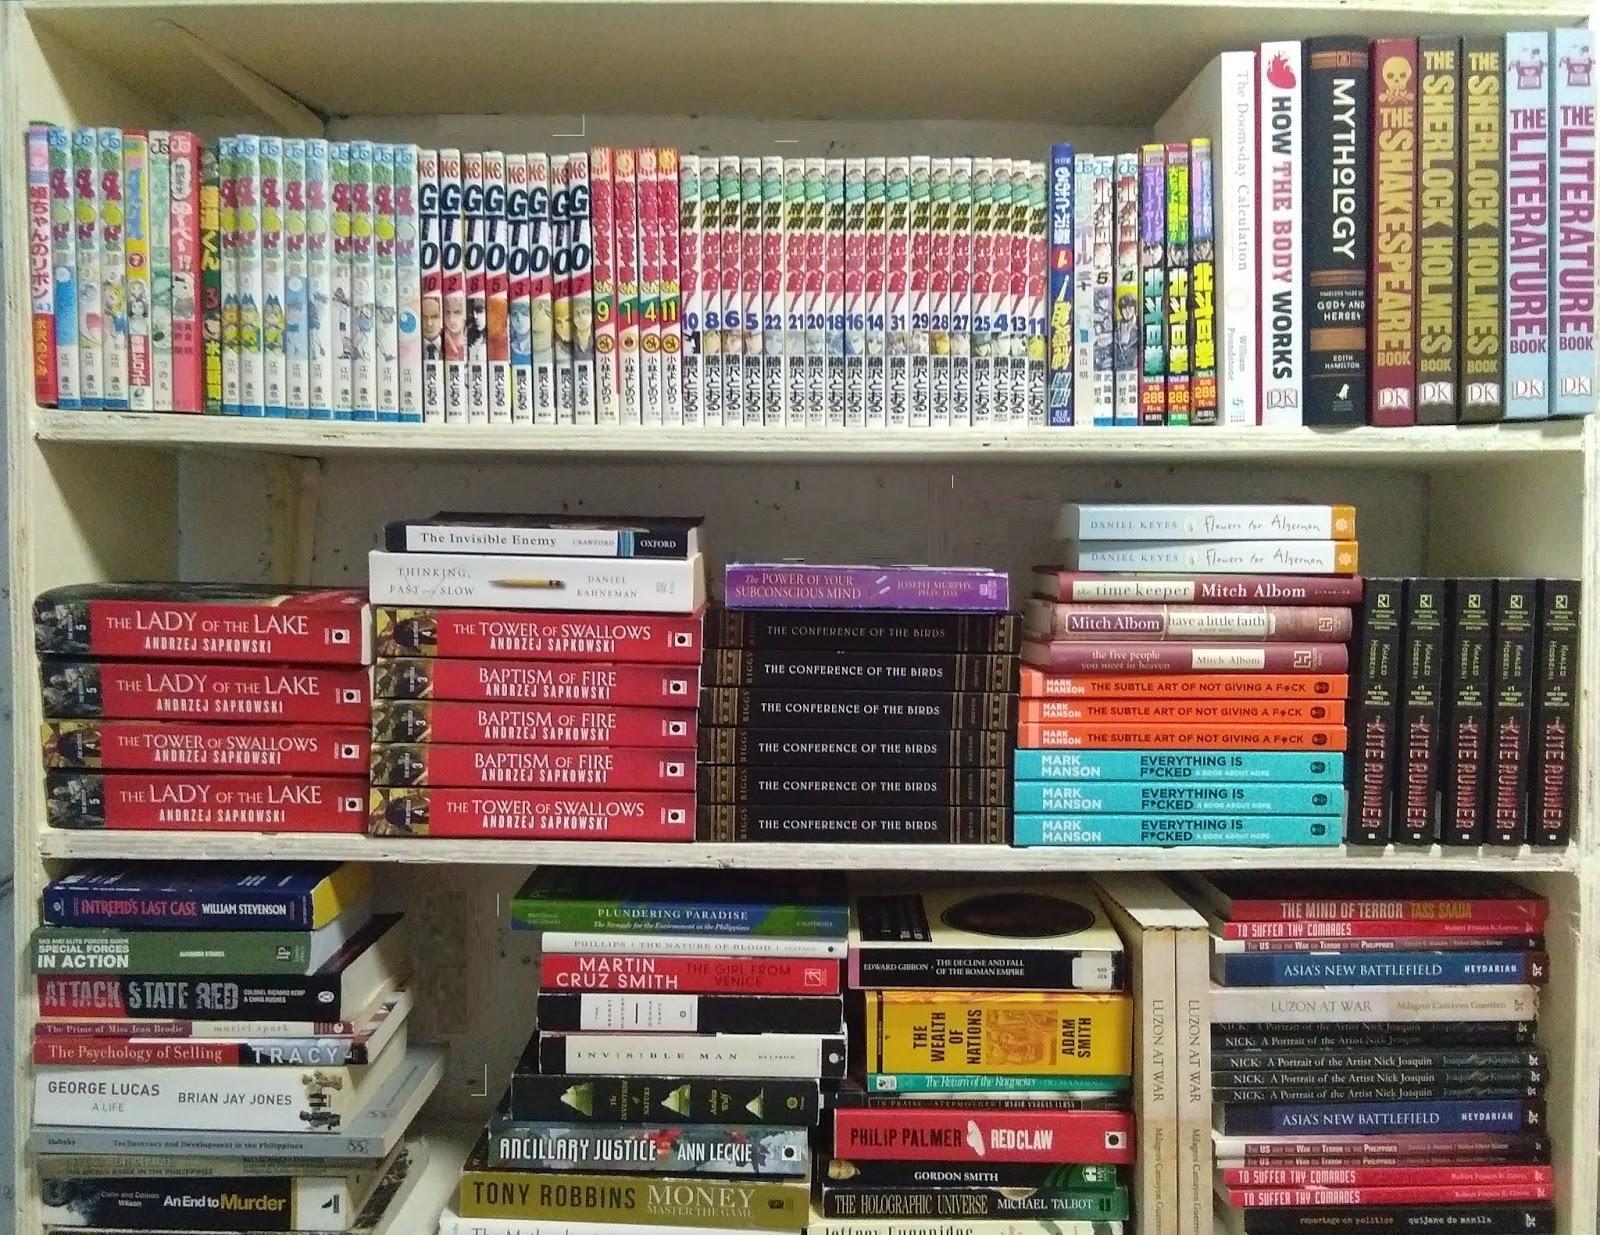 Brand new books philippines